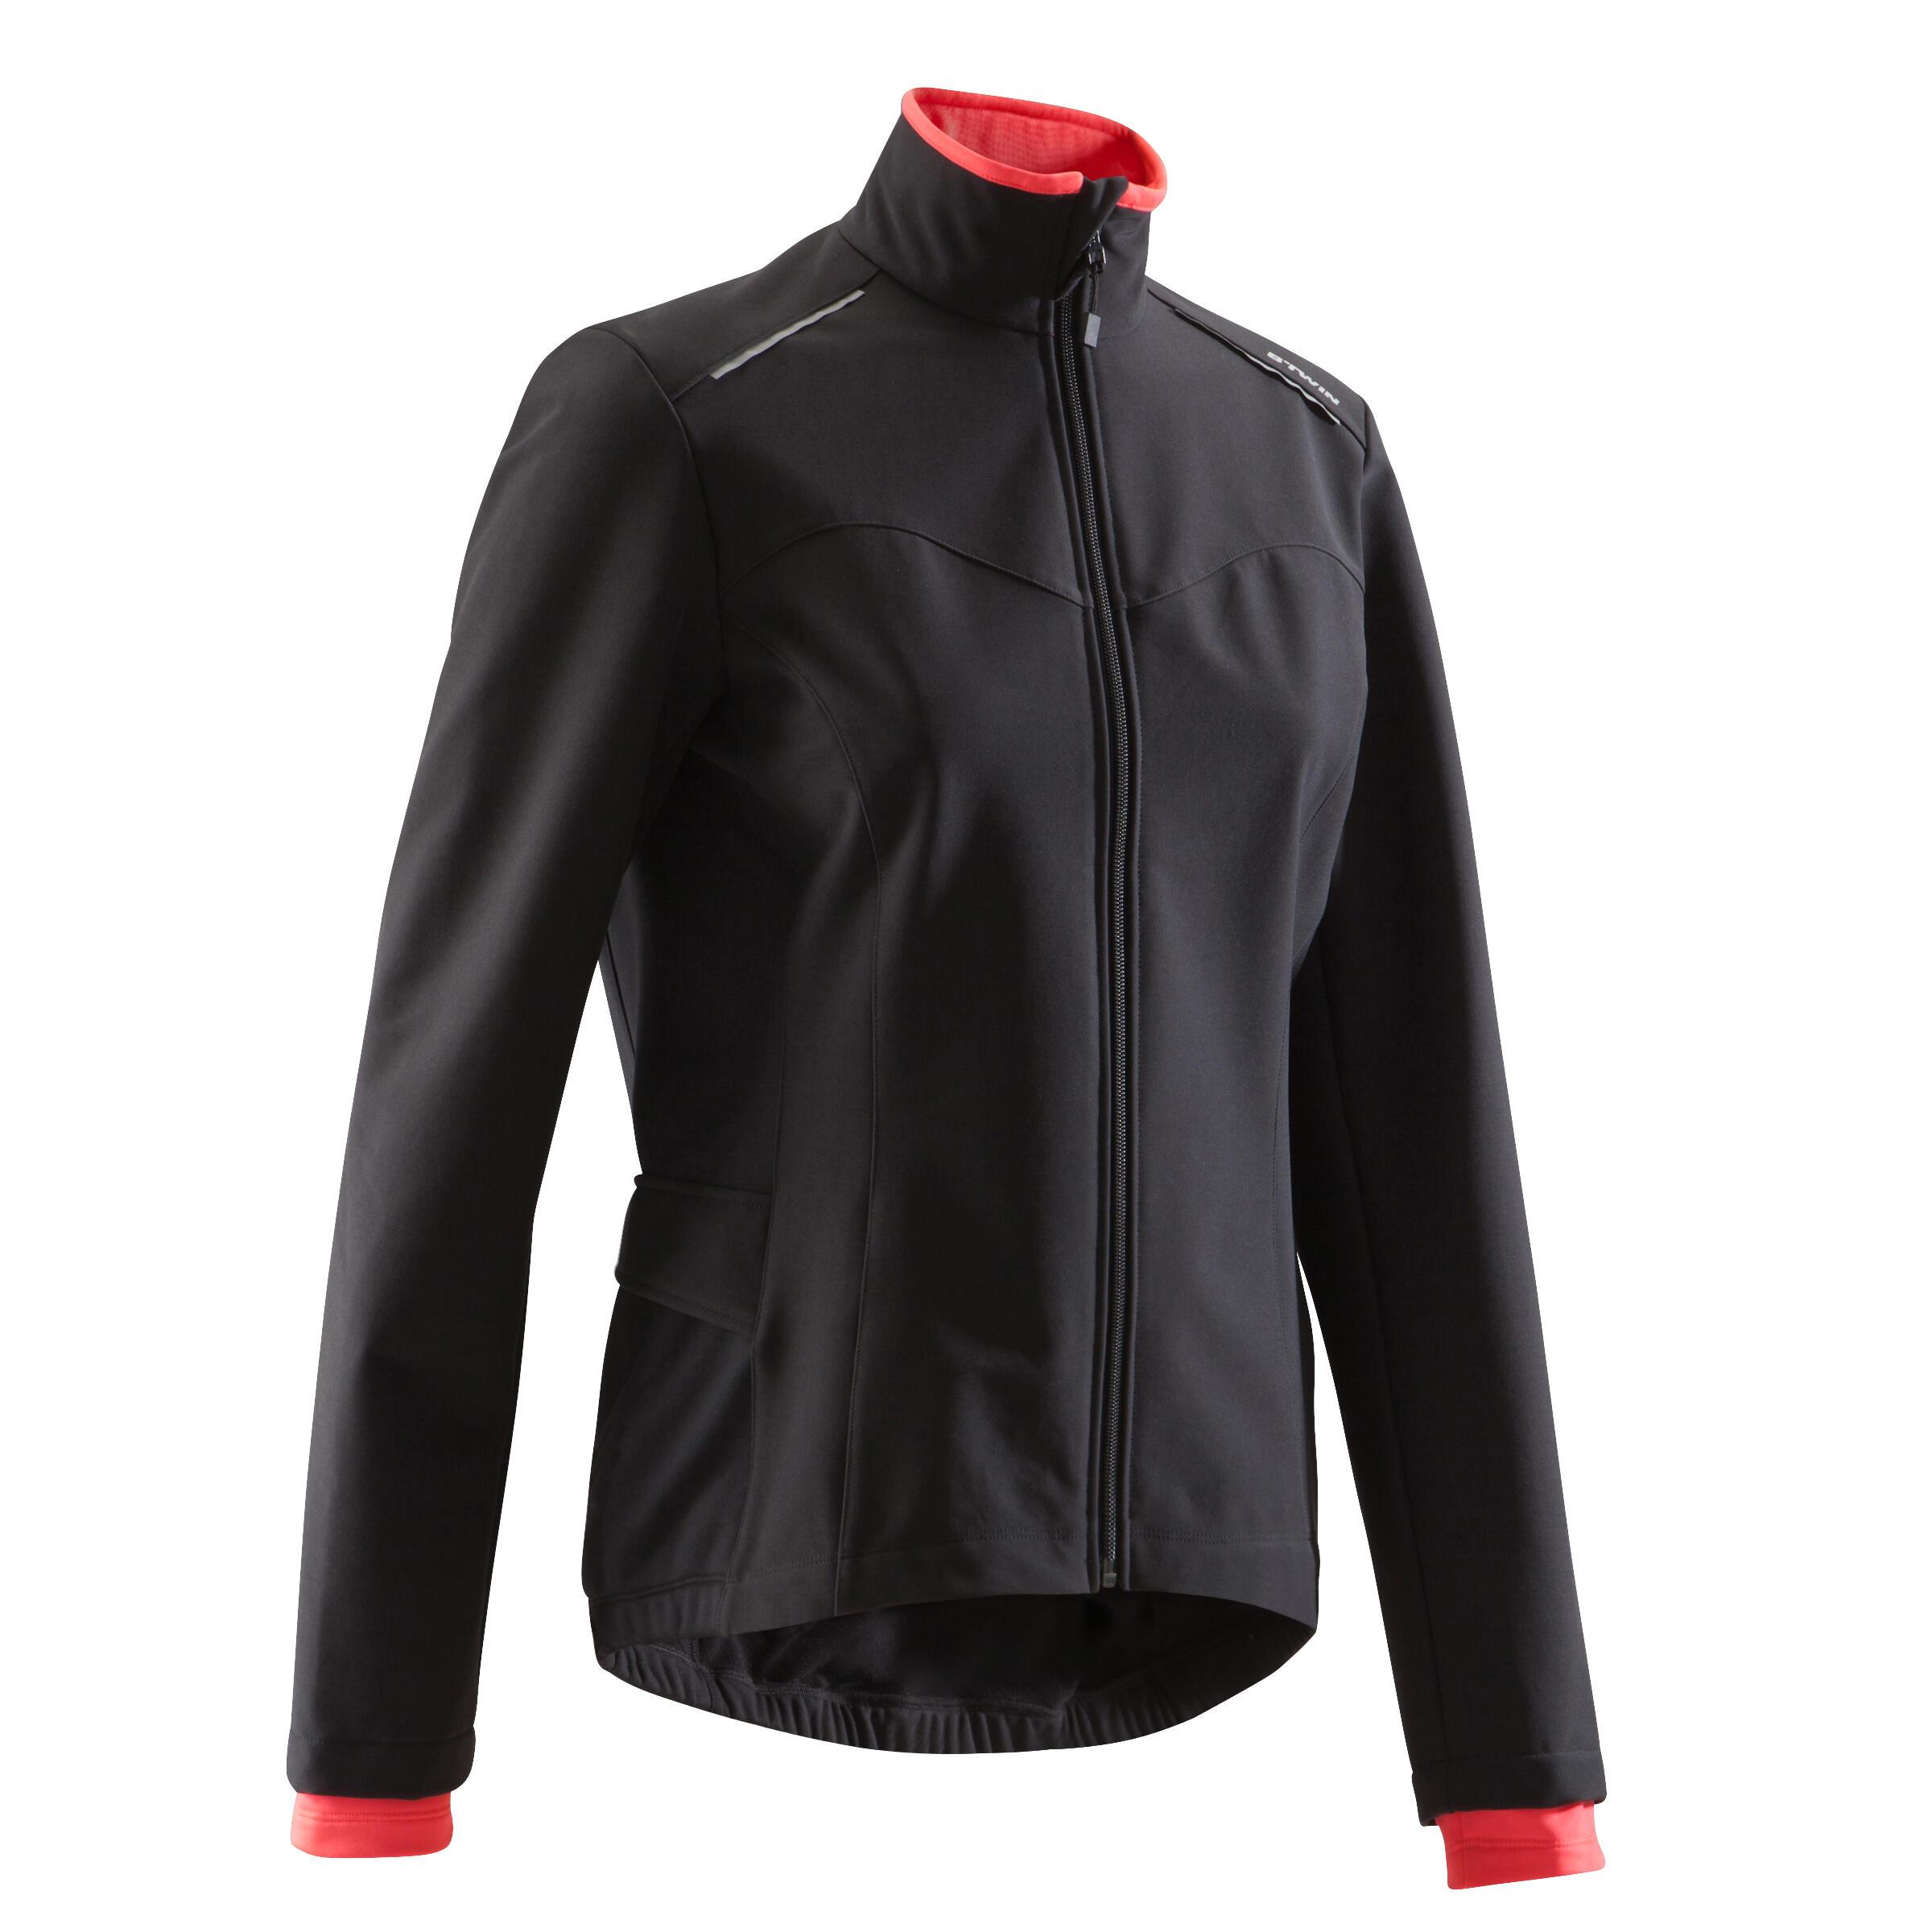 Comprar Chaqueta Ciclismo Invierno Online  b9c1022f00519